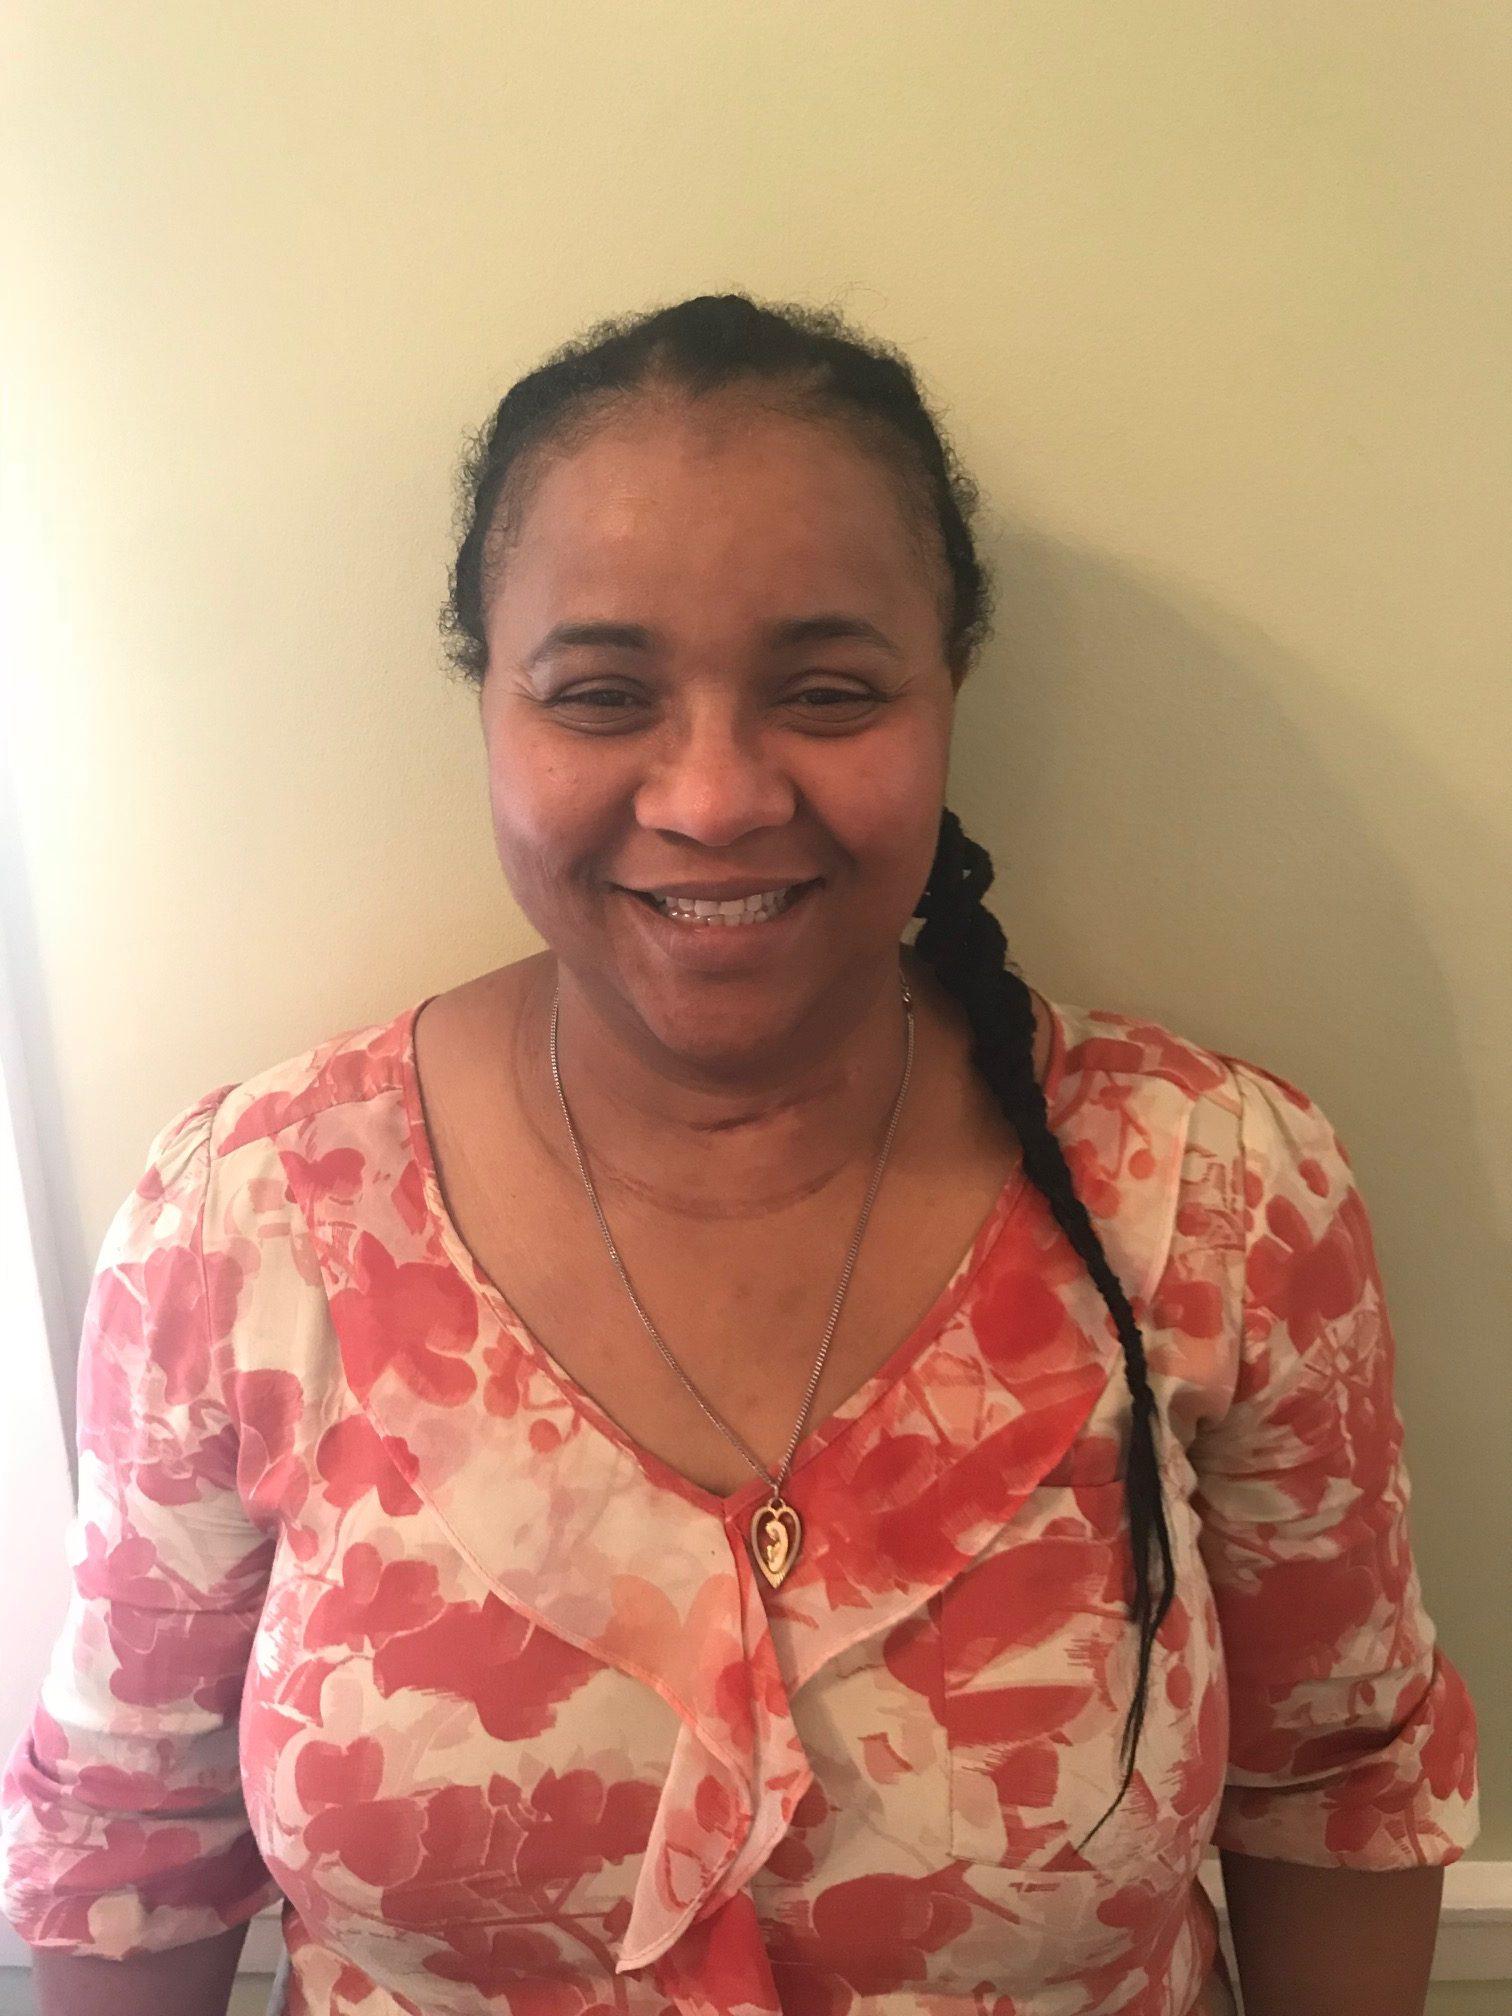 Magella Nwimo